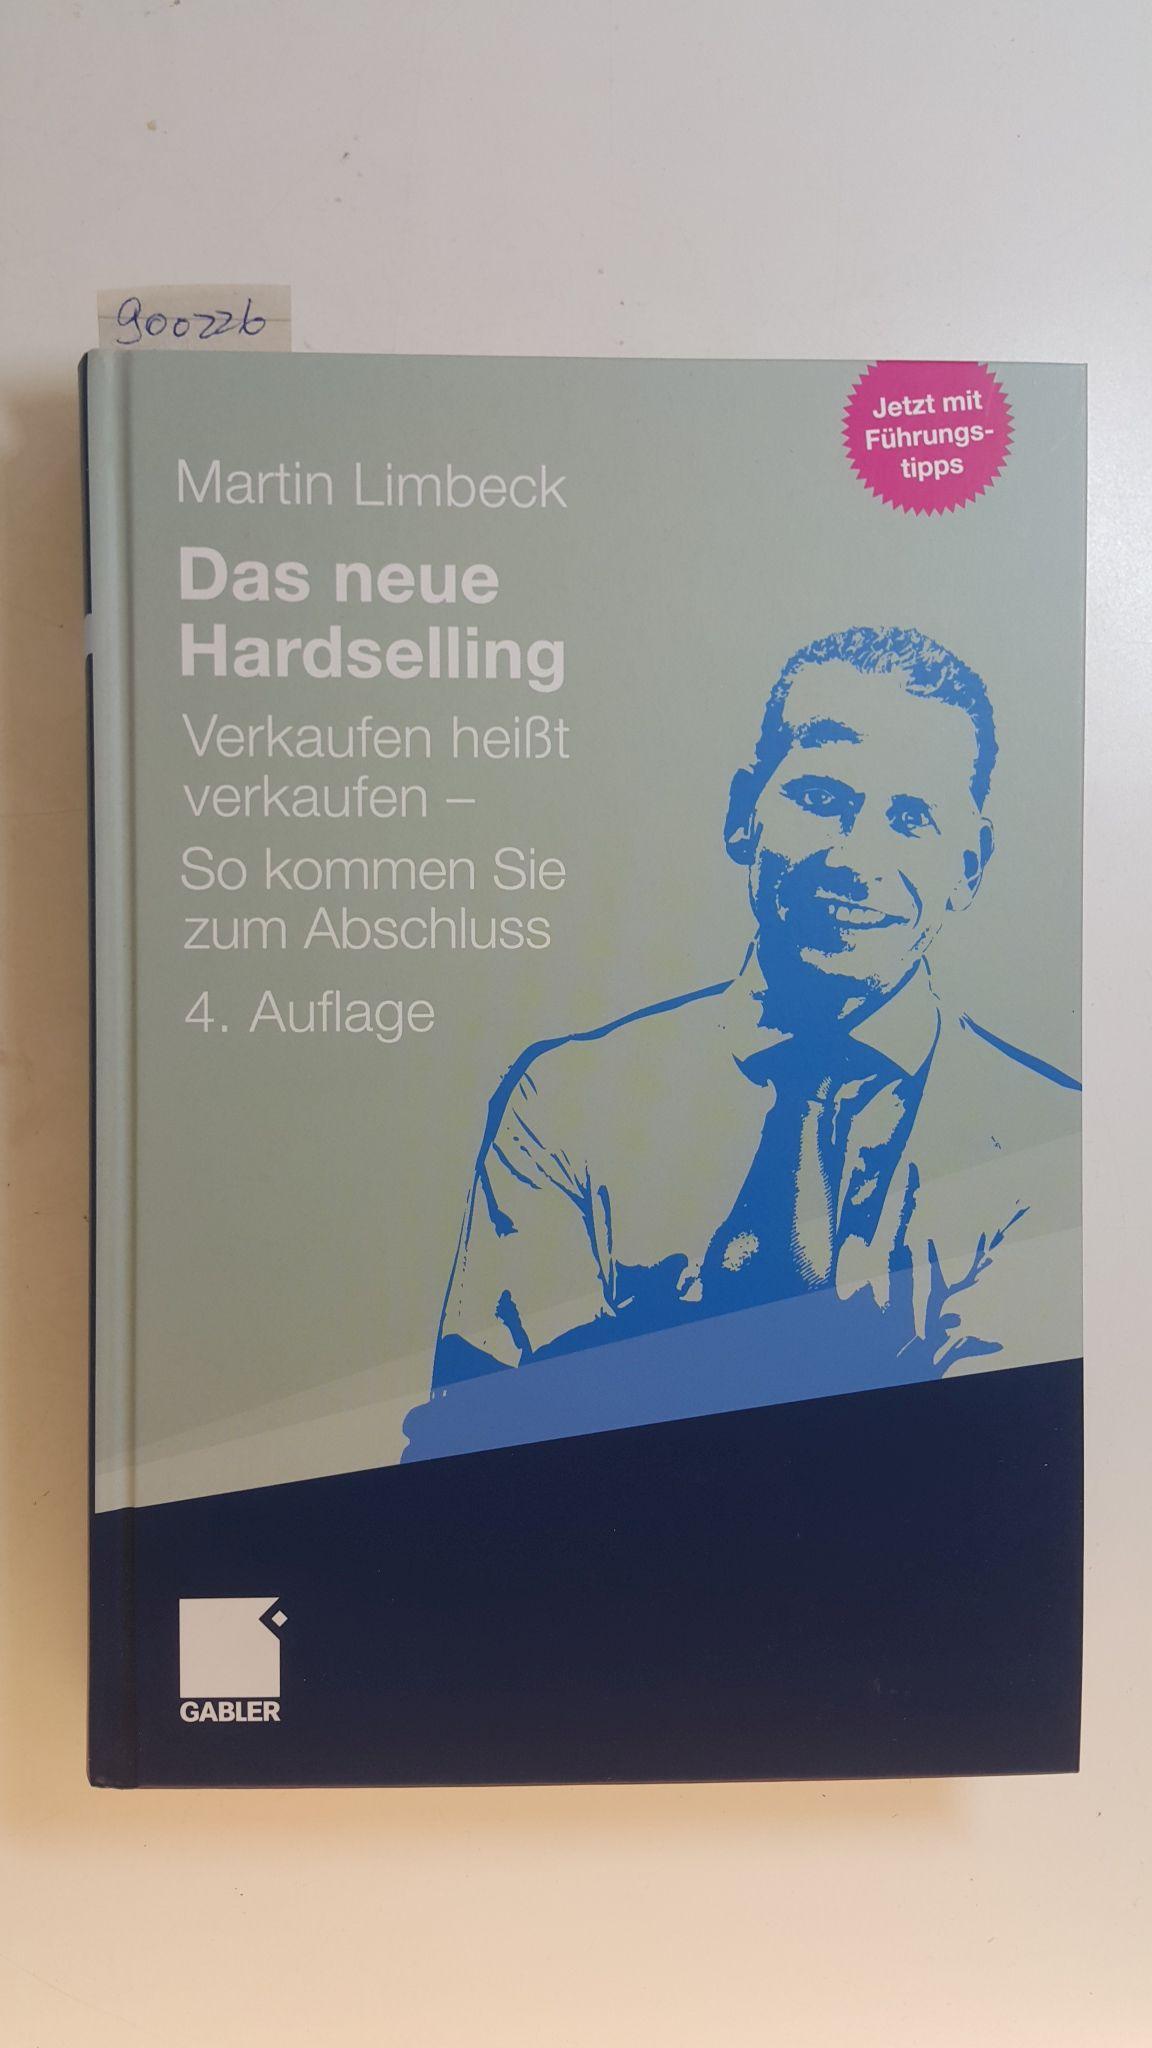 Das neue Hardselling : Verkaufen heißt verkaufen - so kommen Sie zum Abschluss ; (jetzt mit Führungstipps) - Limbeck, Martin (Verfasser)